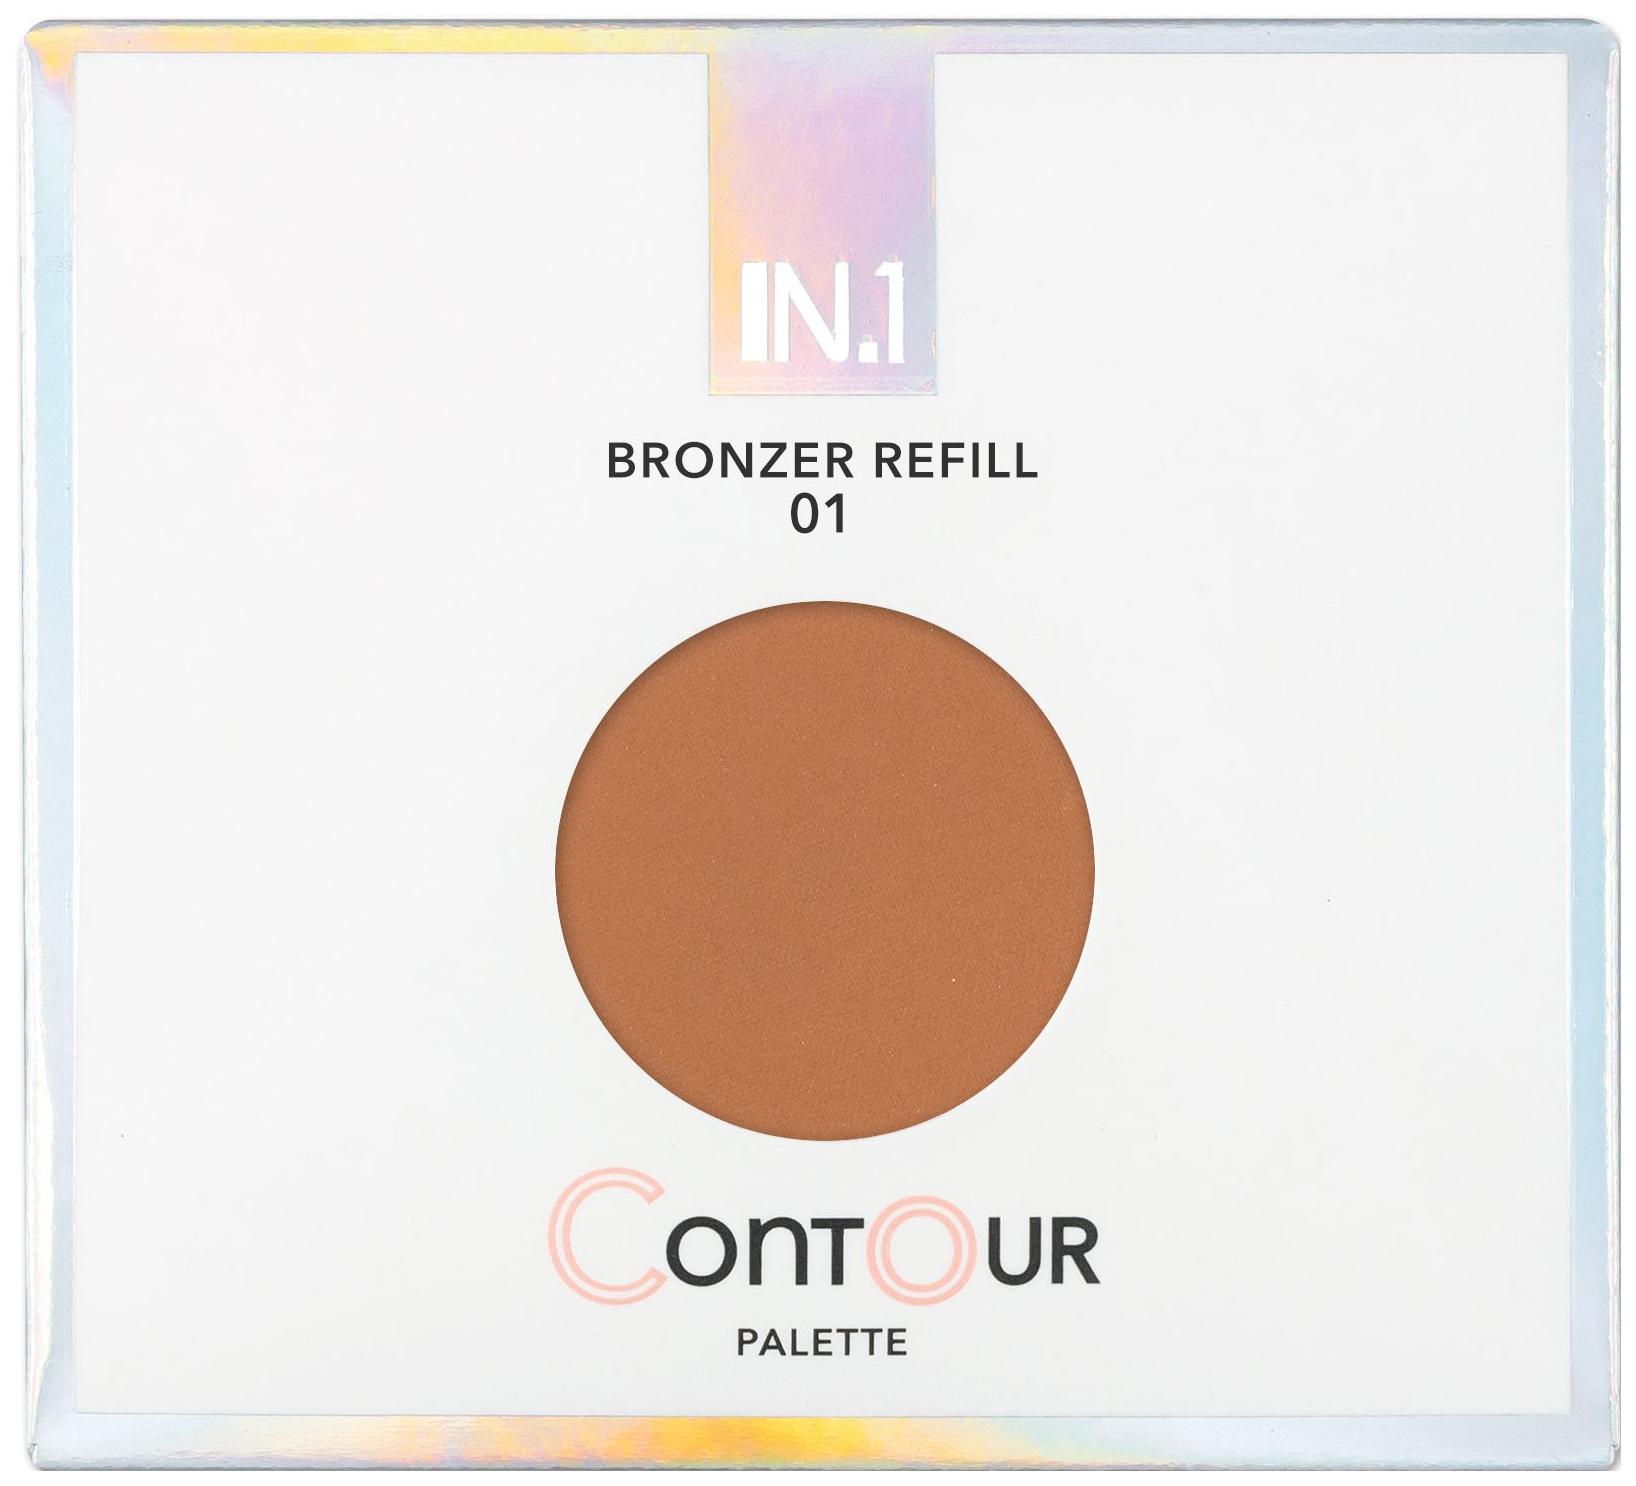 Бронзер N1 Contour Palette Bronzer